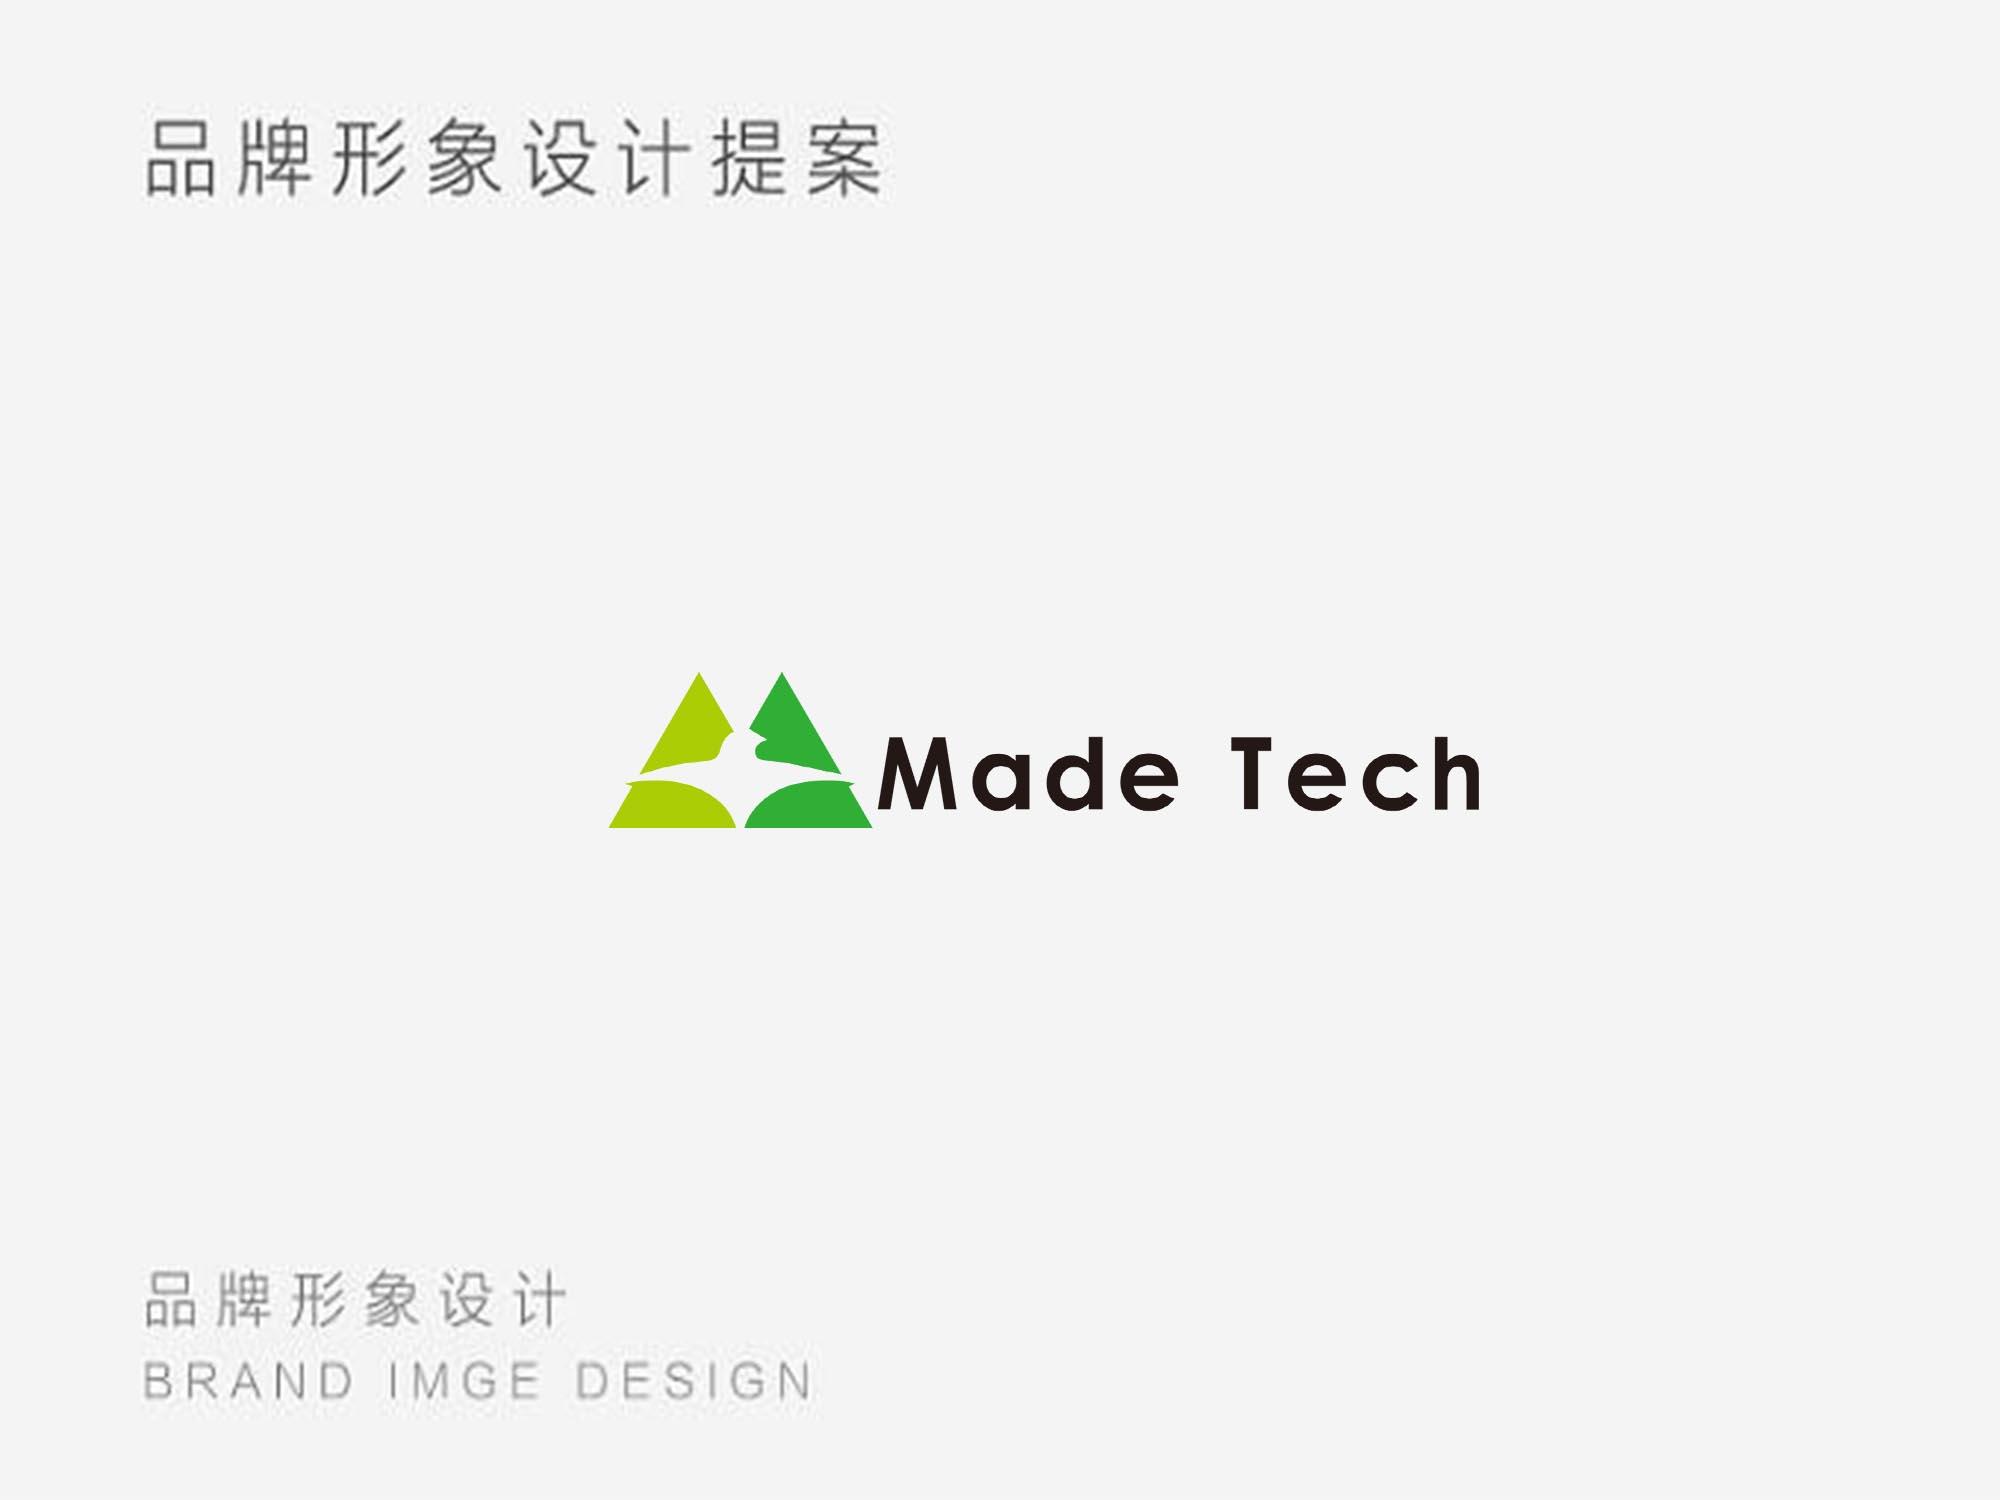 公司名对应英文名及logo设计_3035073_k68威客网